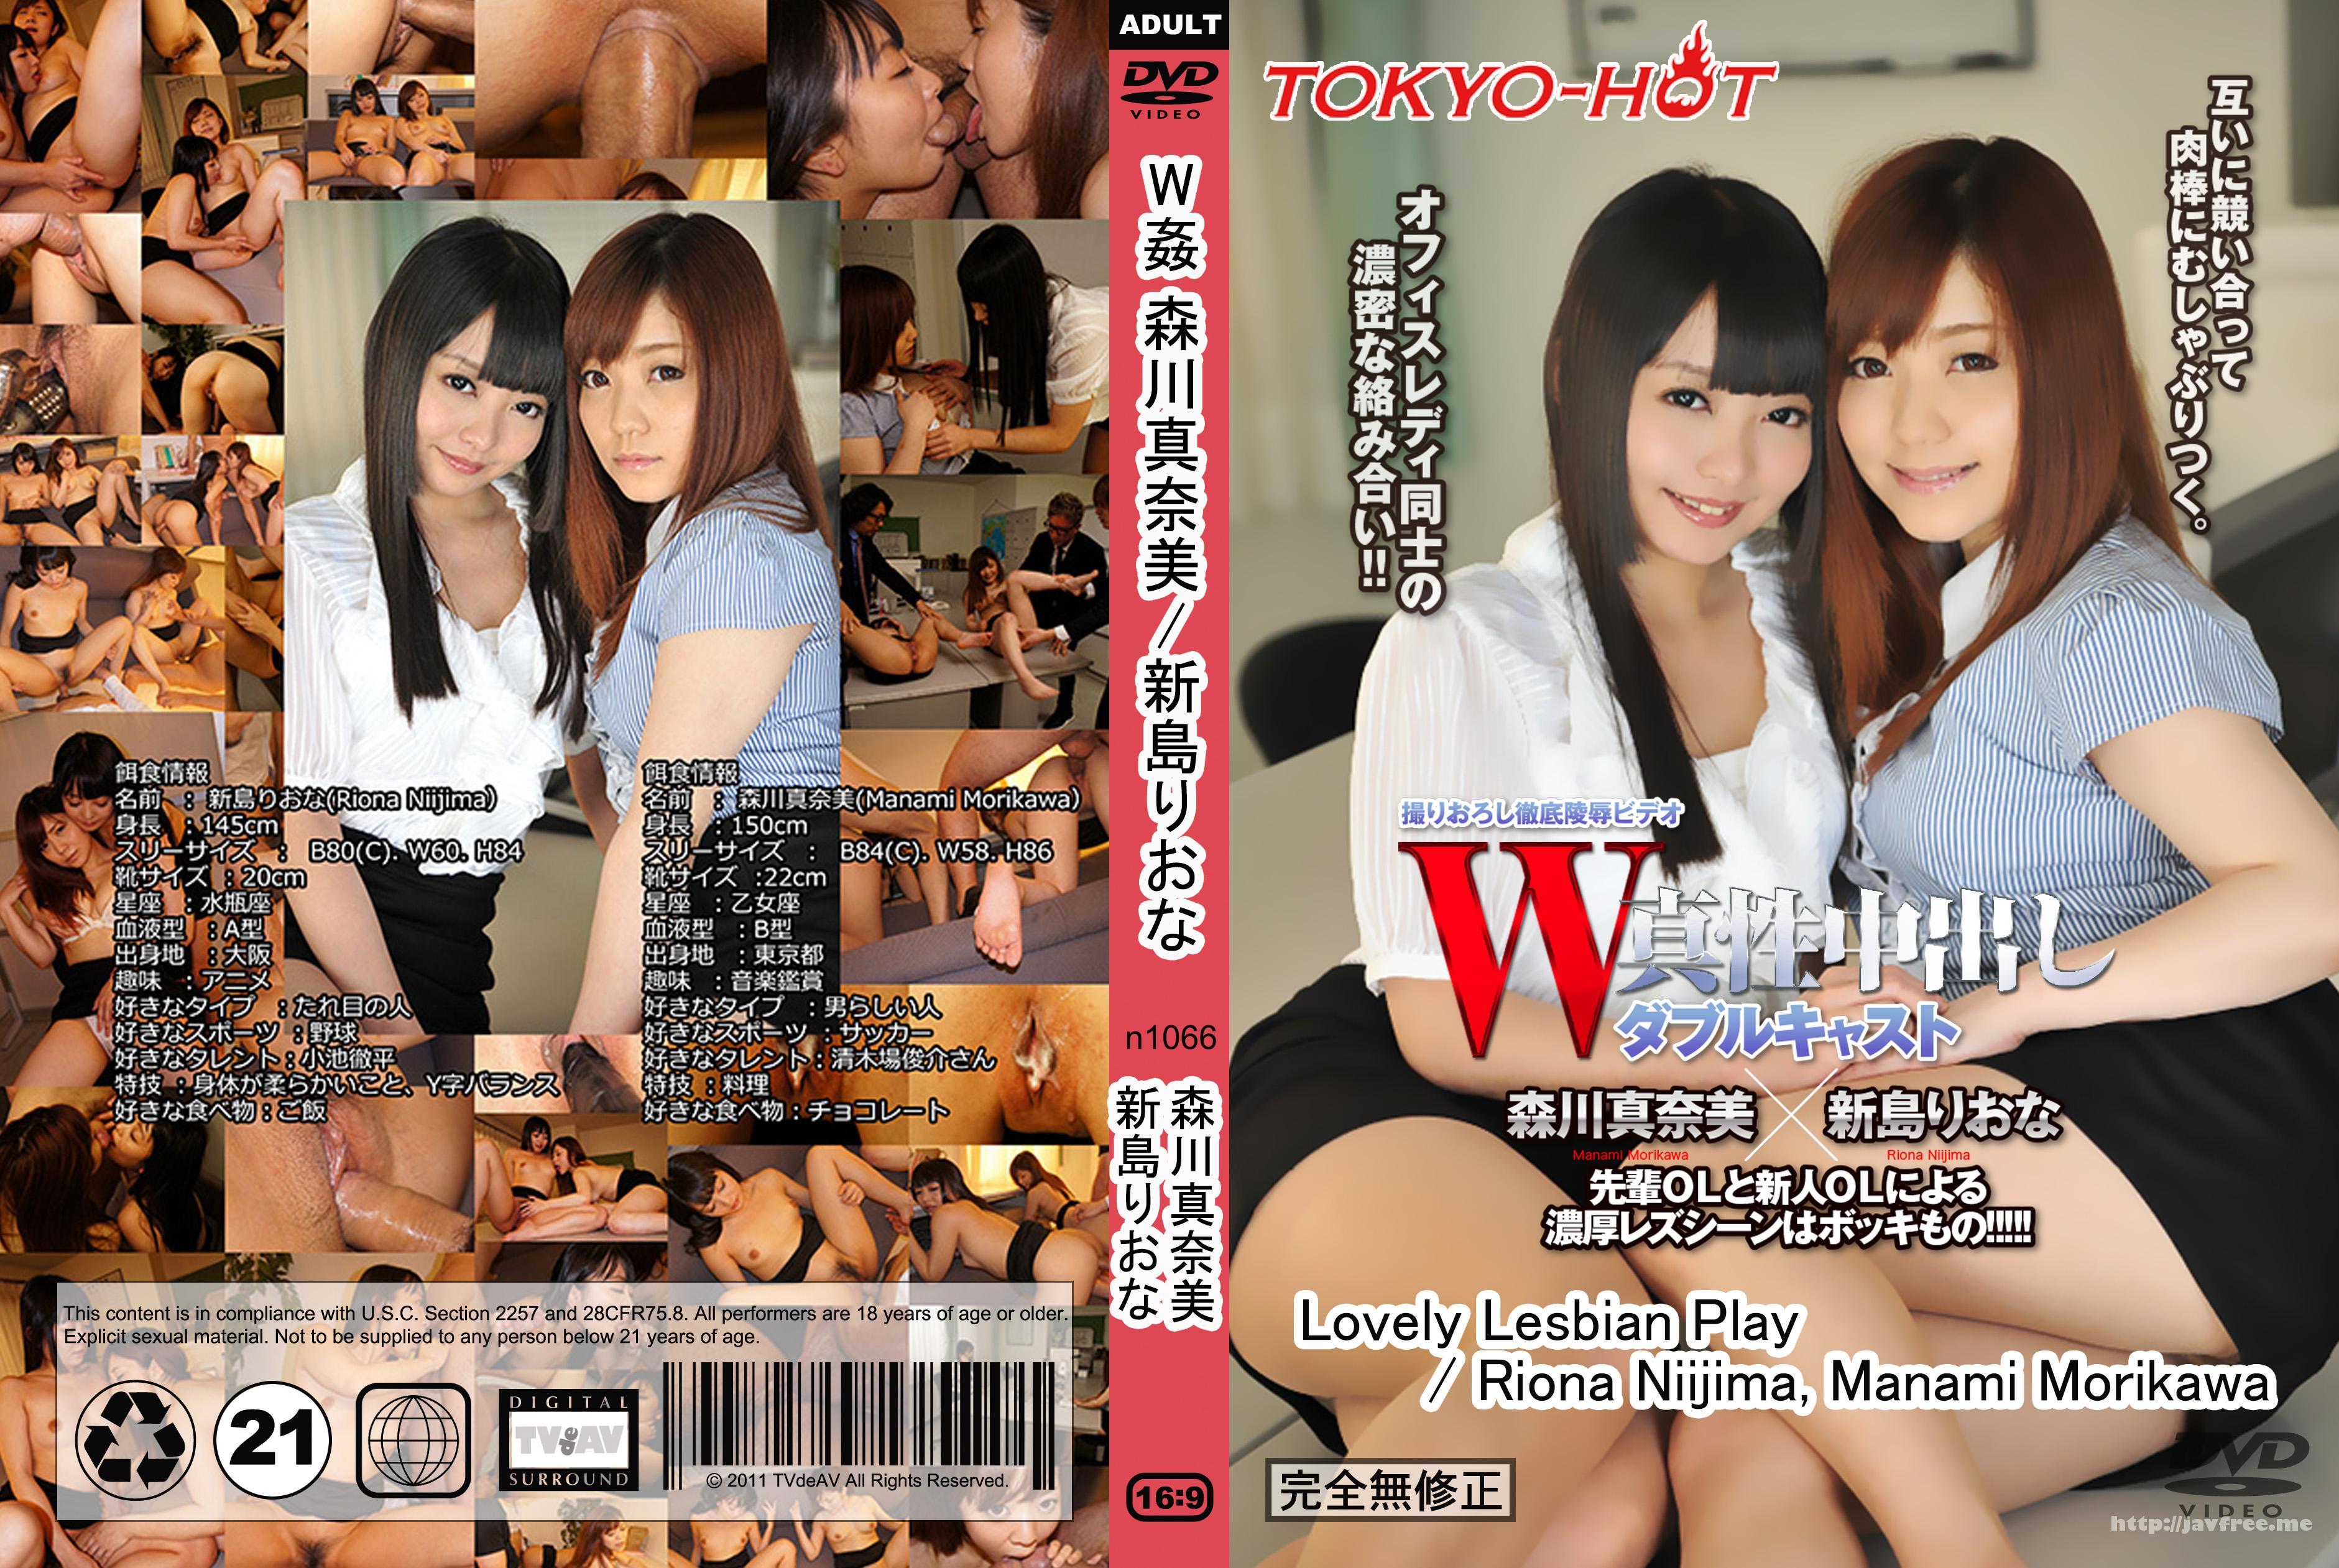 Tokyo Hot n1066 W姦 森川真奈美 新島りおな Tokyo Hot